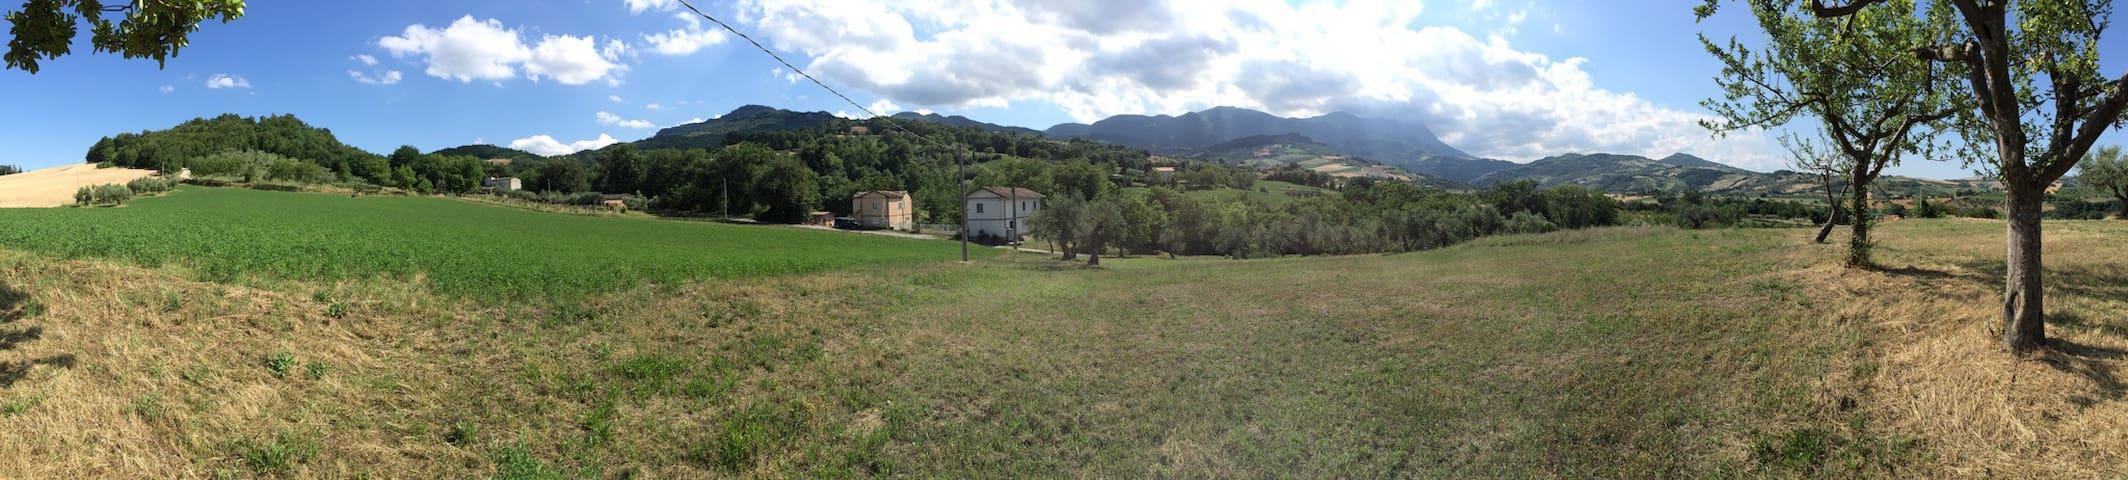 Family Home in Abruzzo Countryside - Montebello di Bertona - Casa